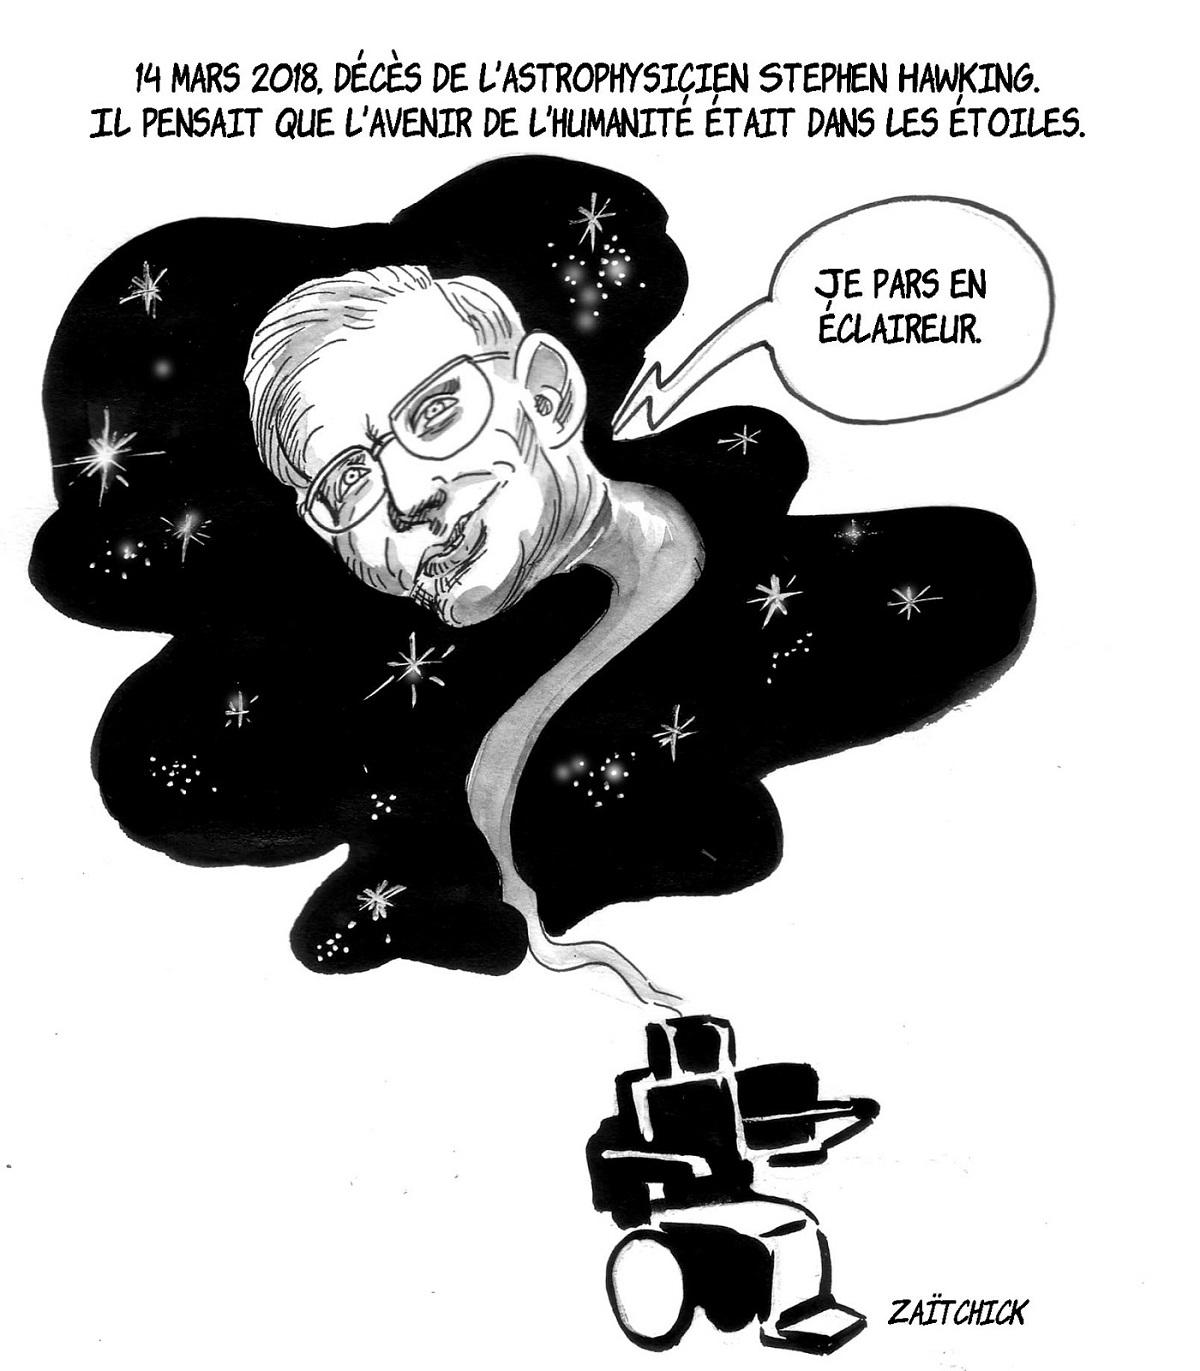 dessin humoristique de Stephen Hawking rejoignant les étoiles